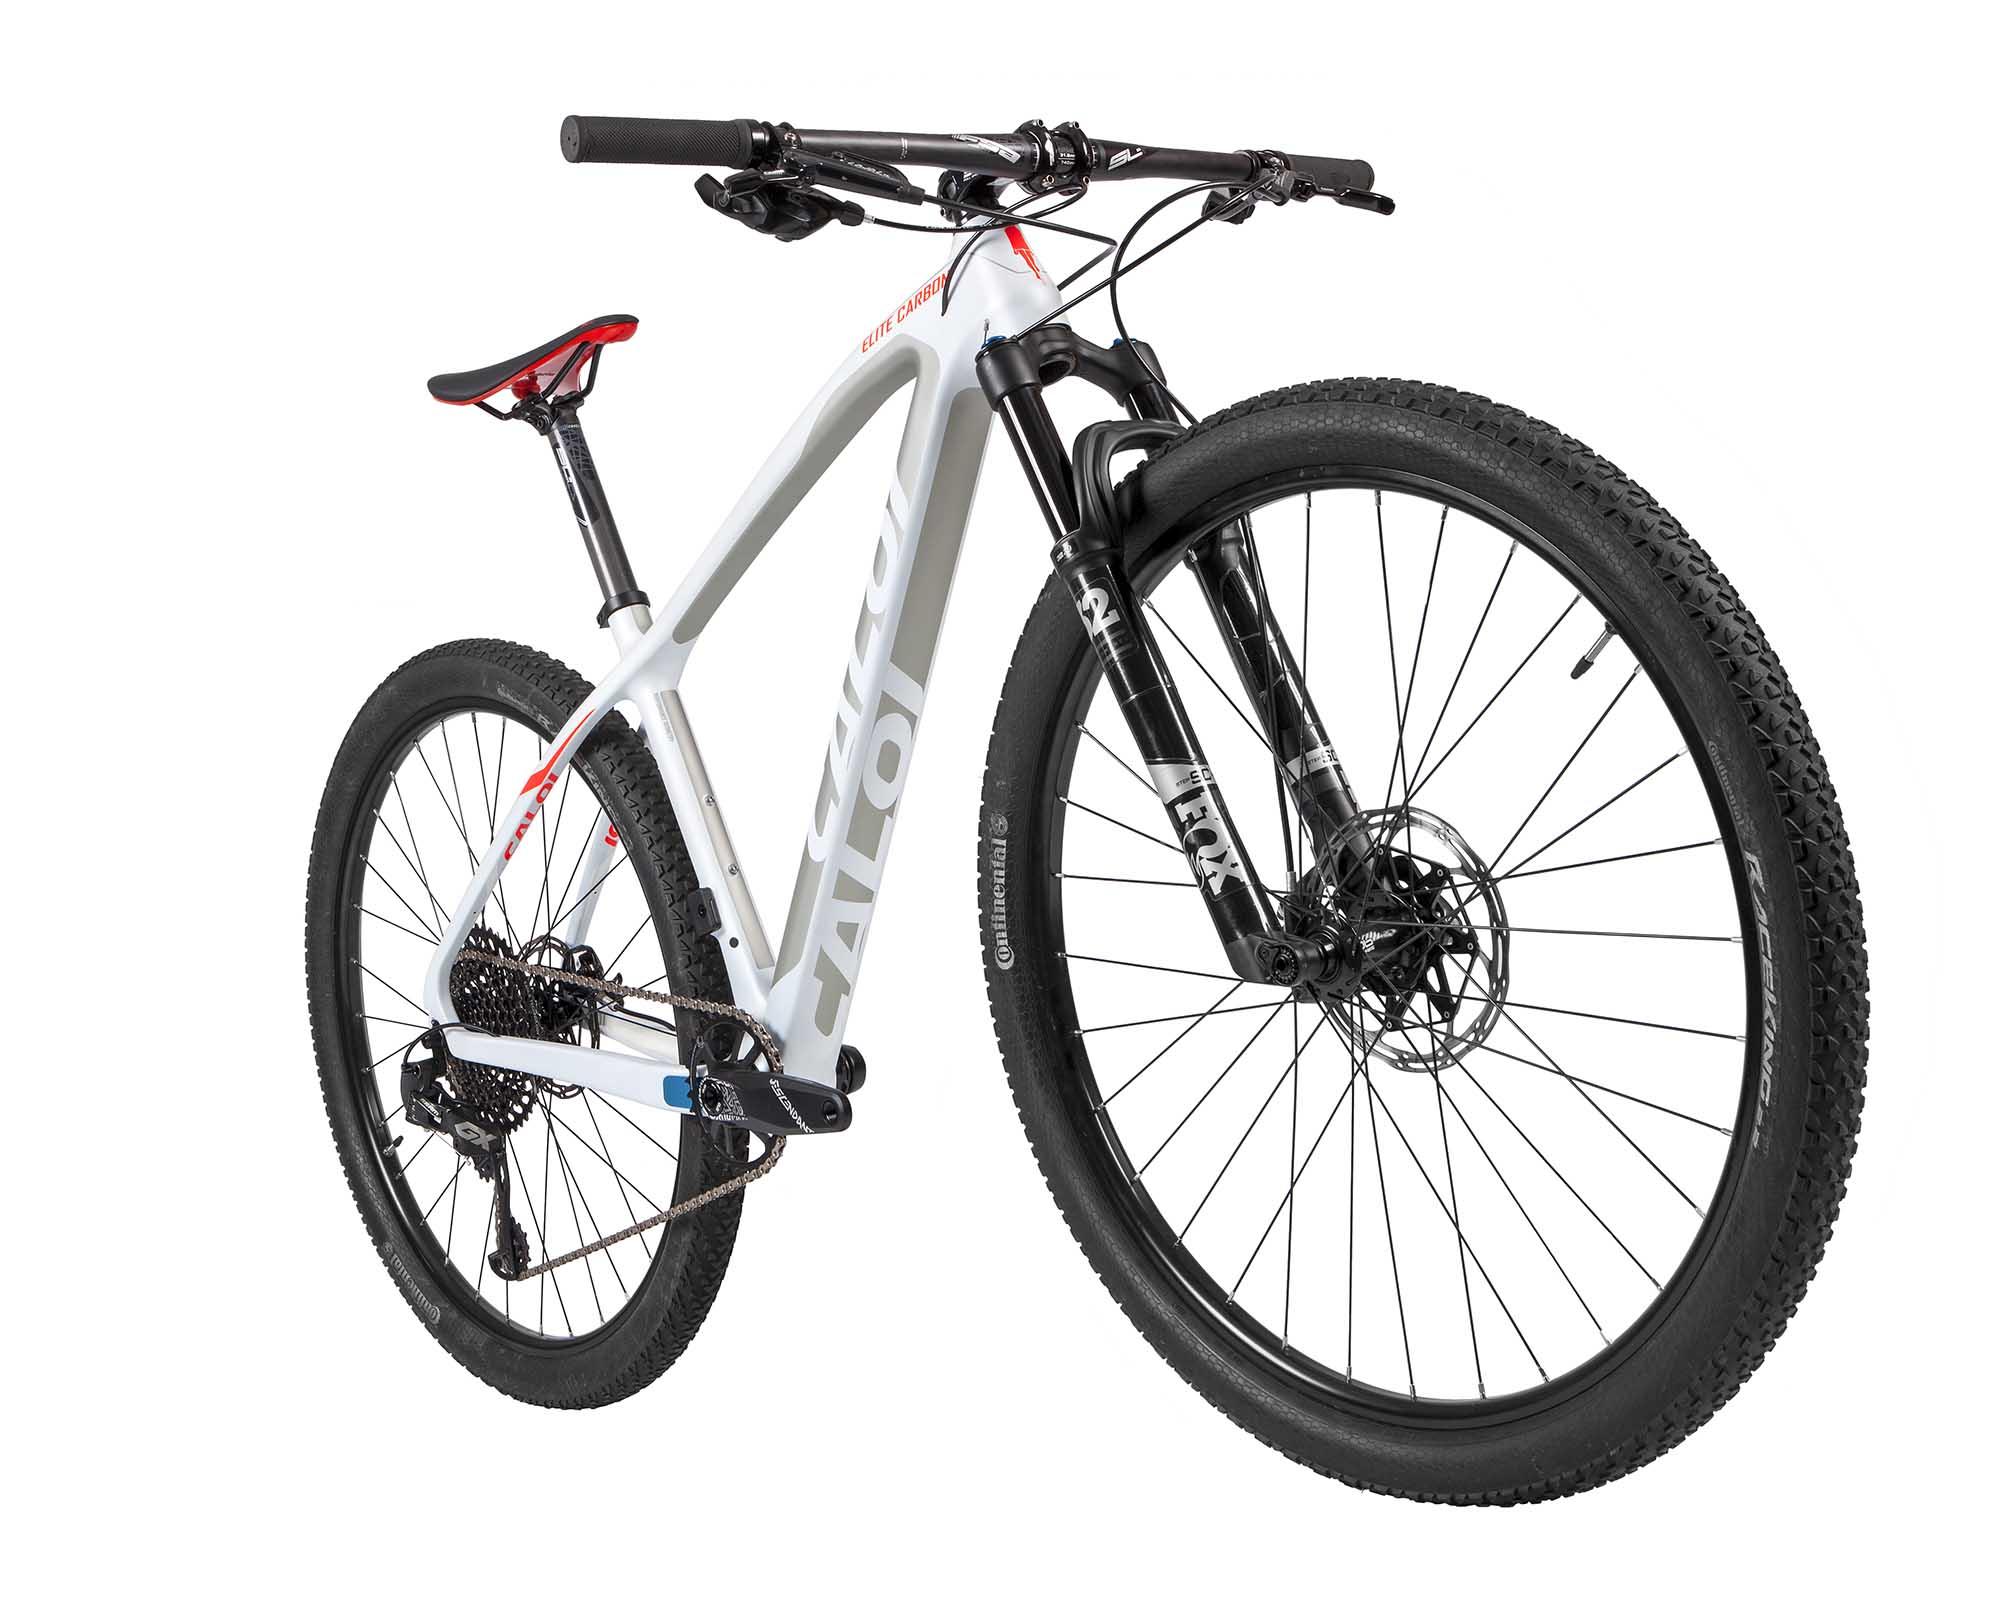 Bicicleta Elite Carbon Racing Tamanho G - Caloi